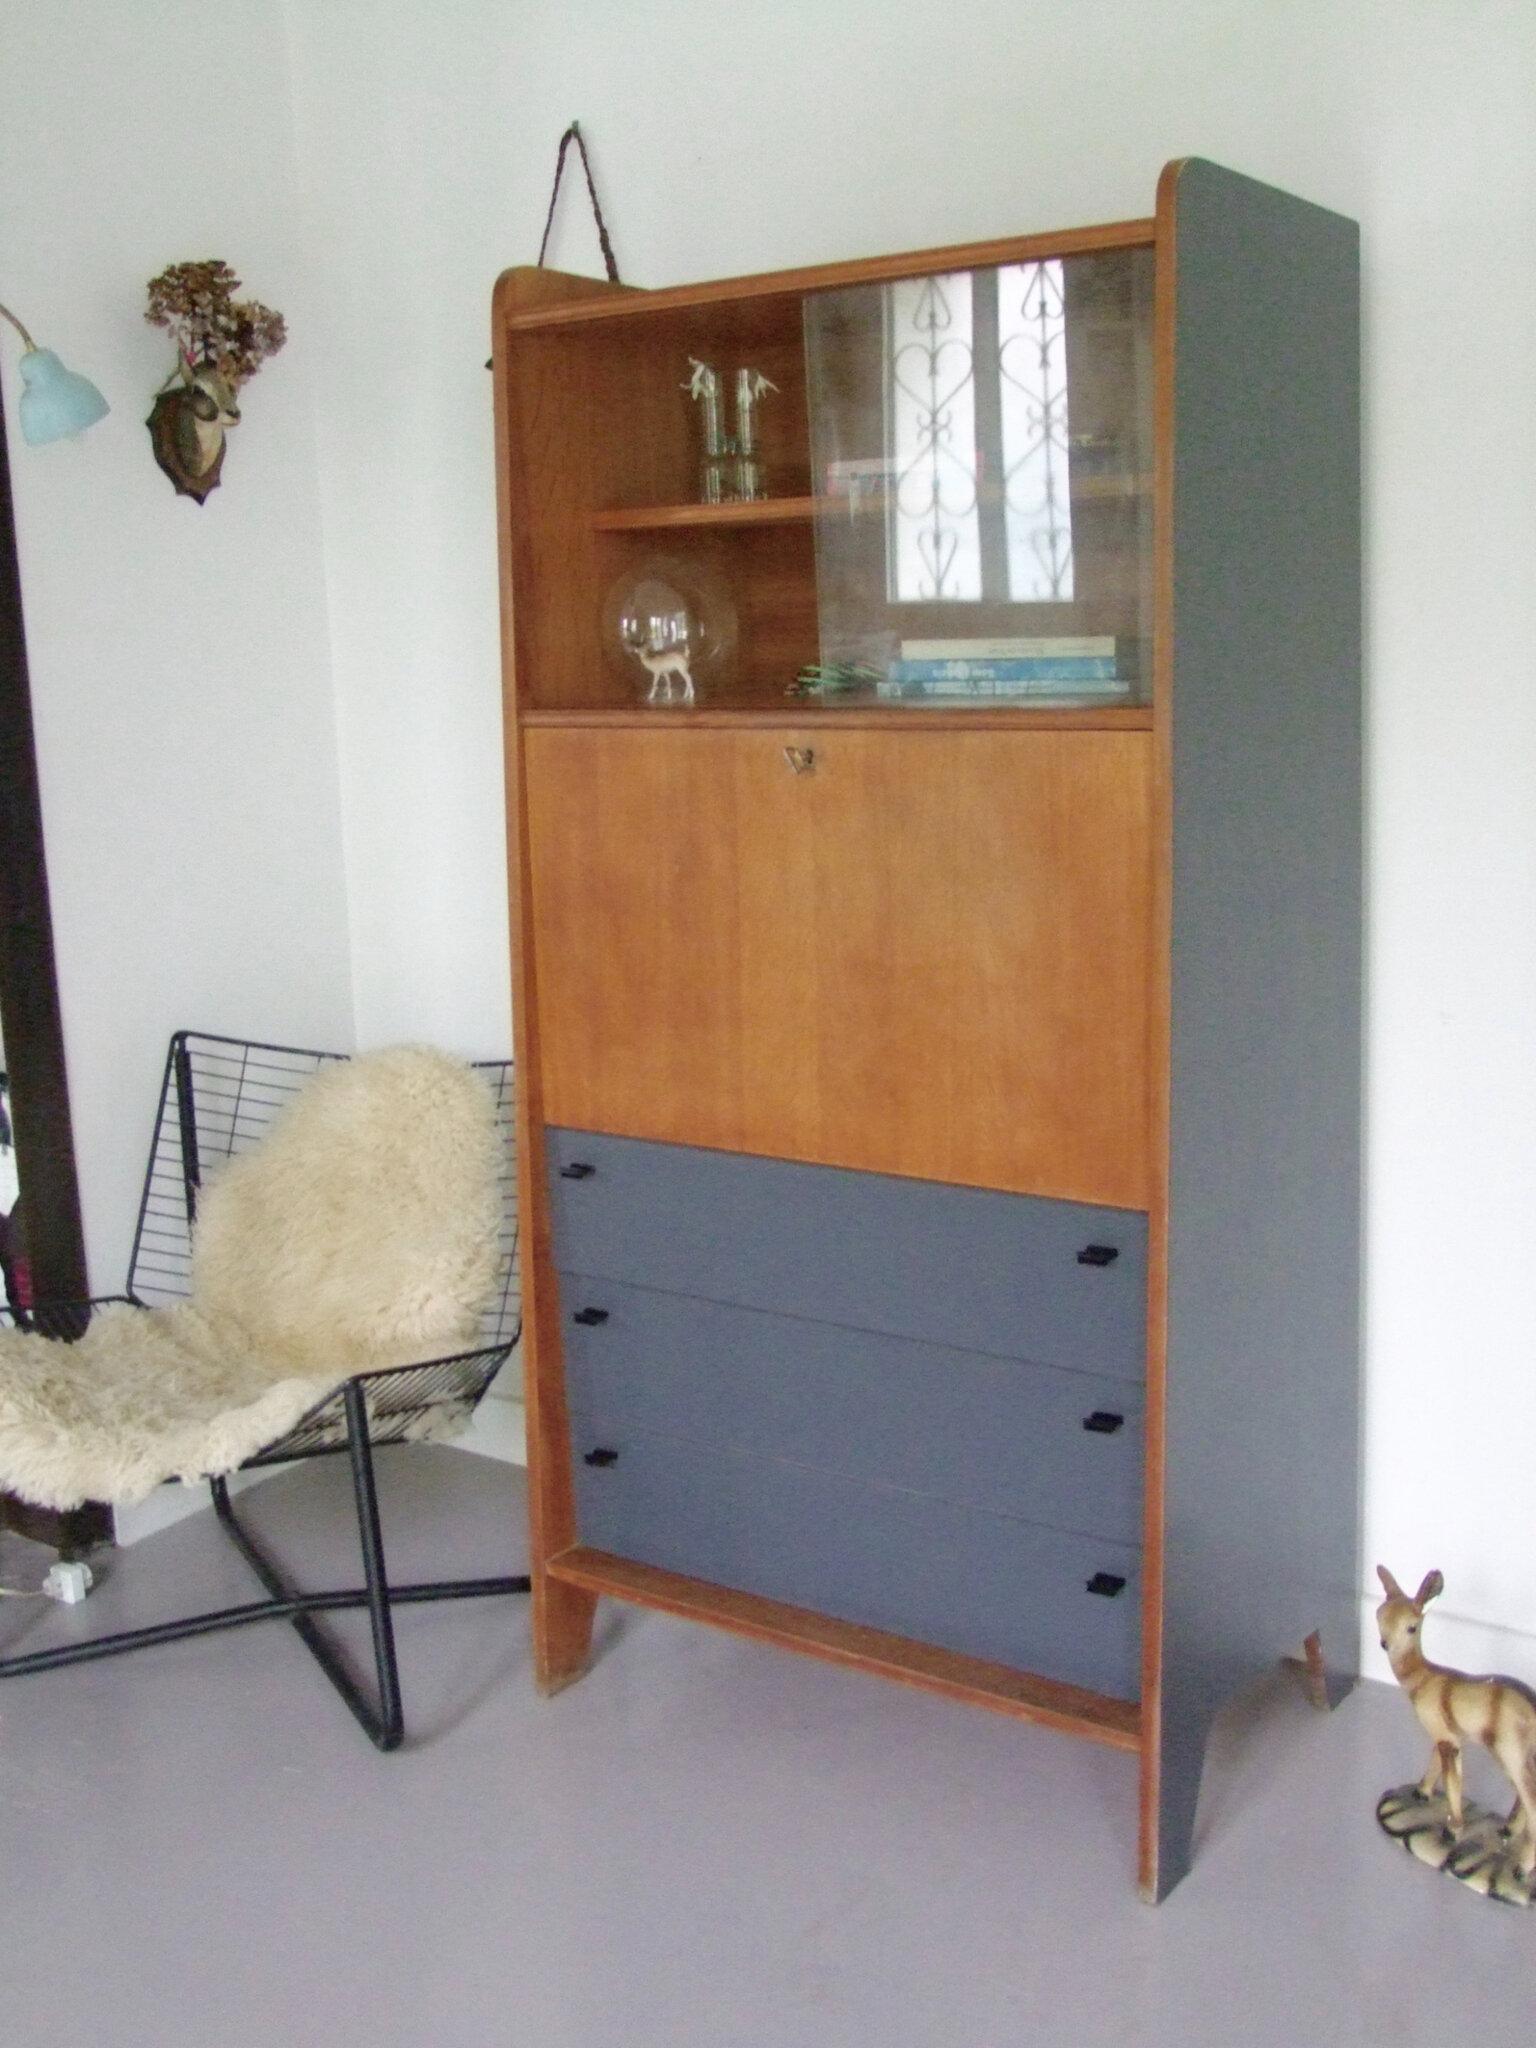 secr taire vintage tous les messages sur secr taire vintage meubles vintage pataluna chin s. Black Bedroom Furniture Sets. Home Design Ideas